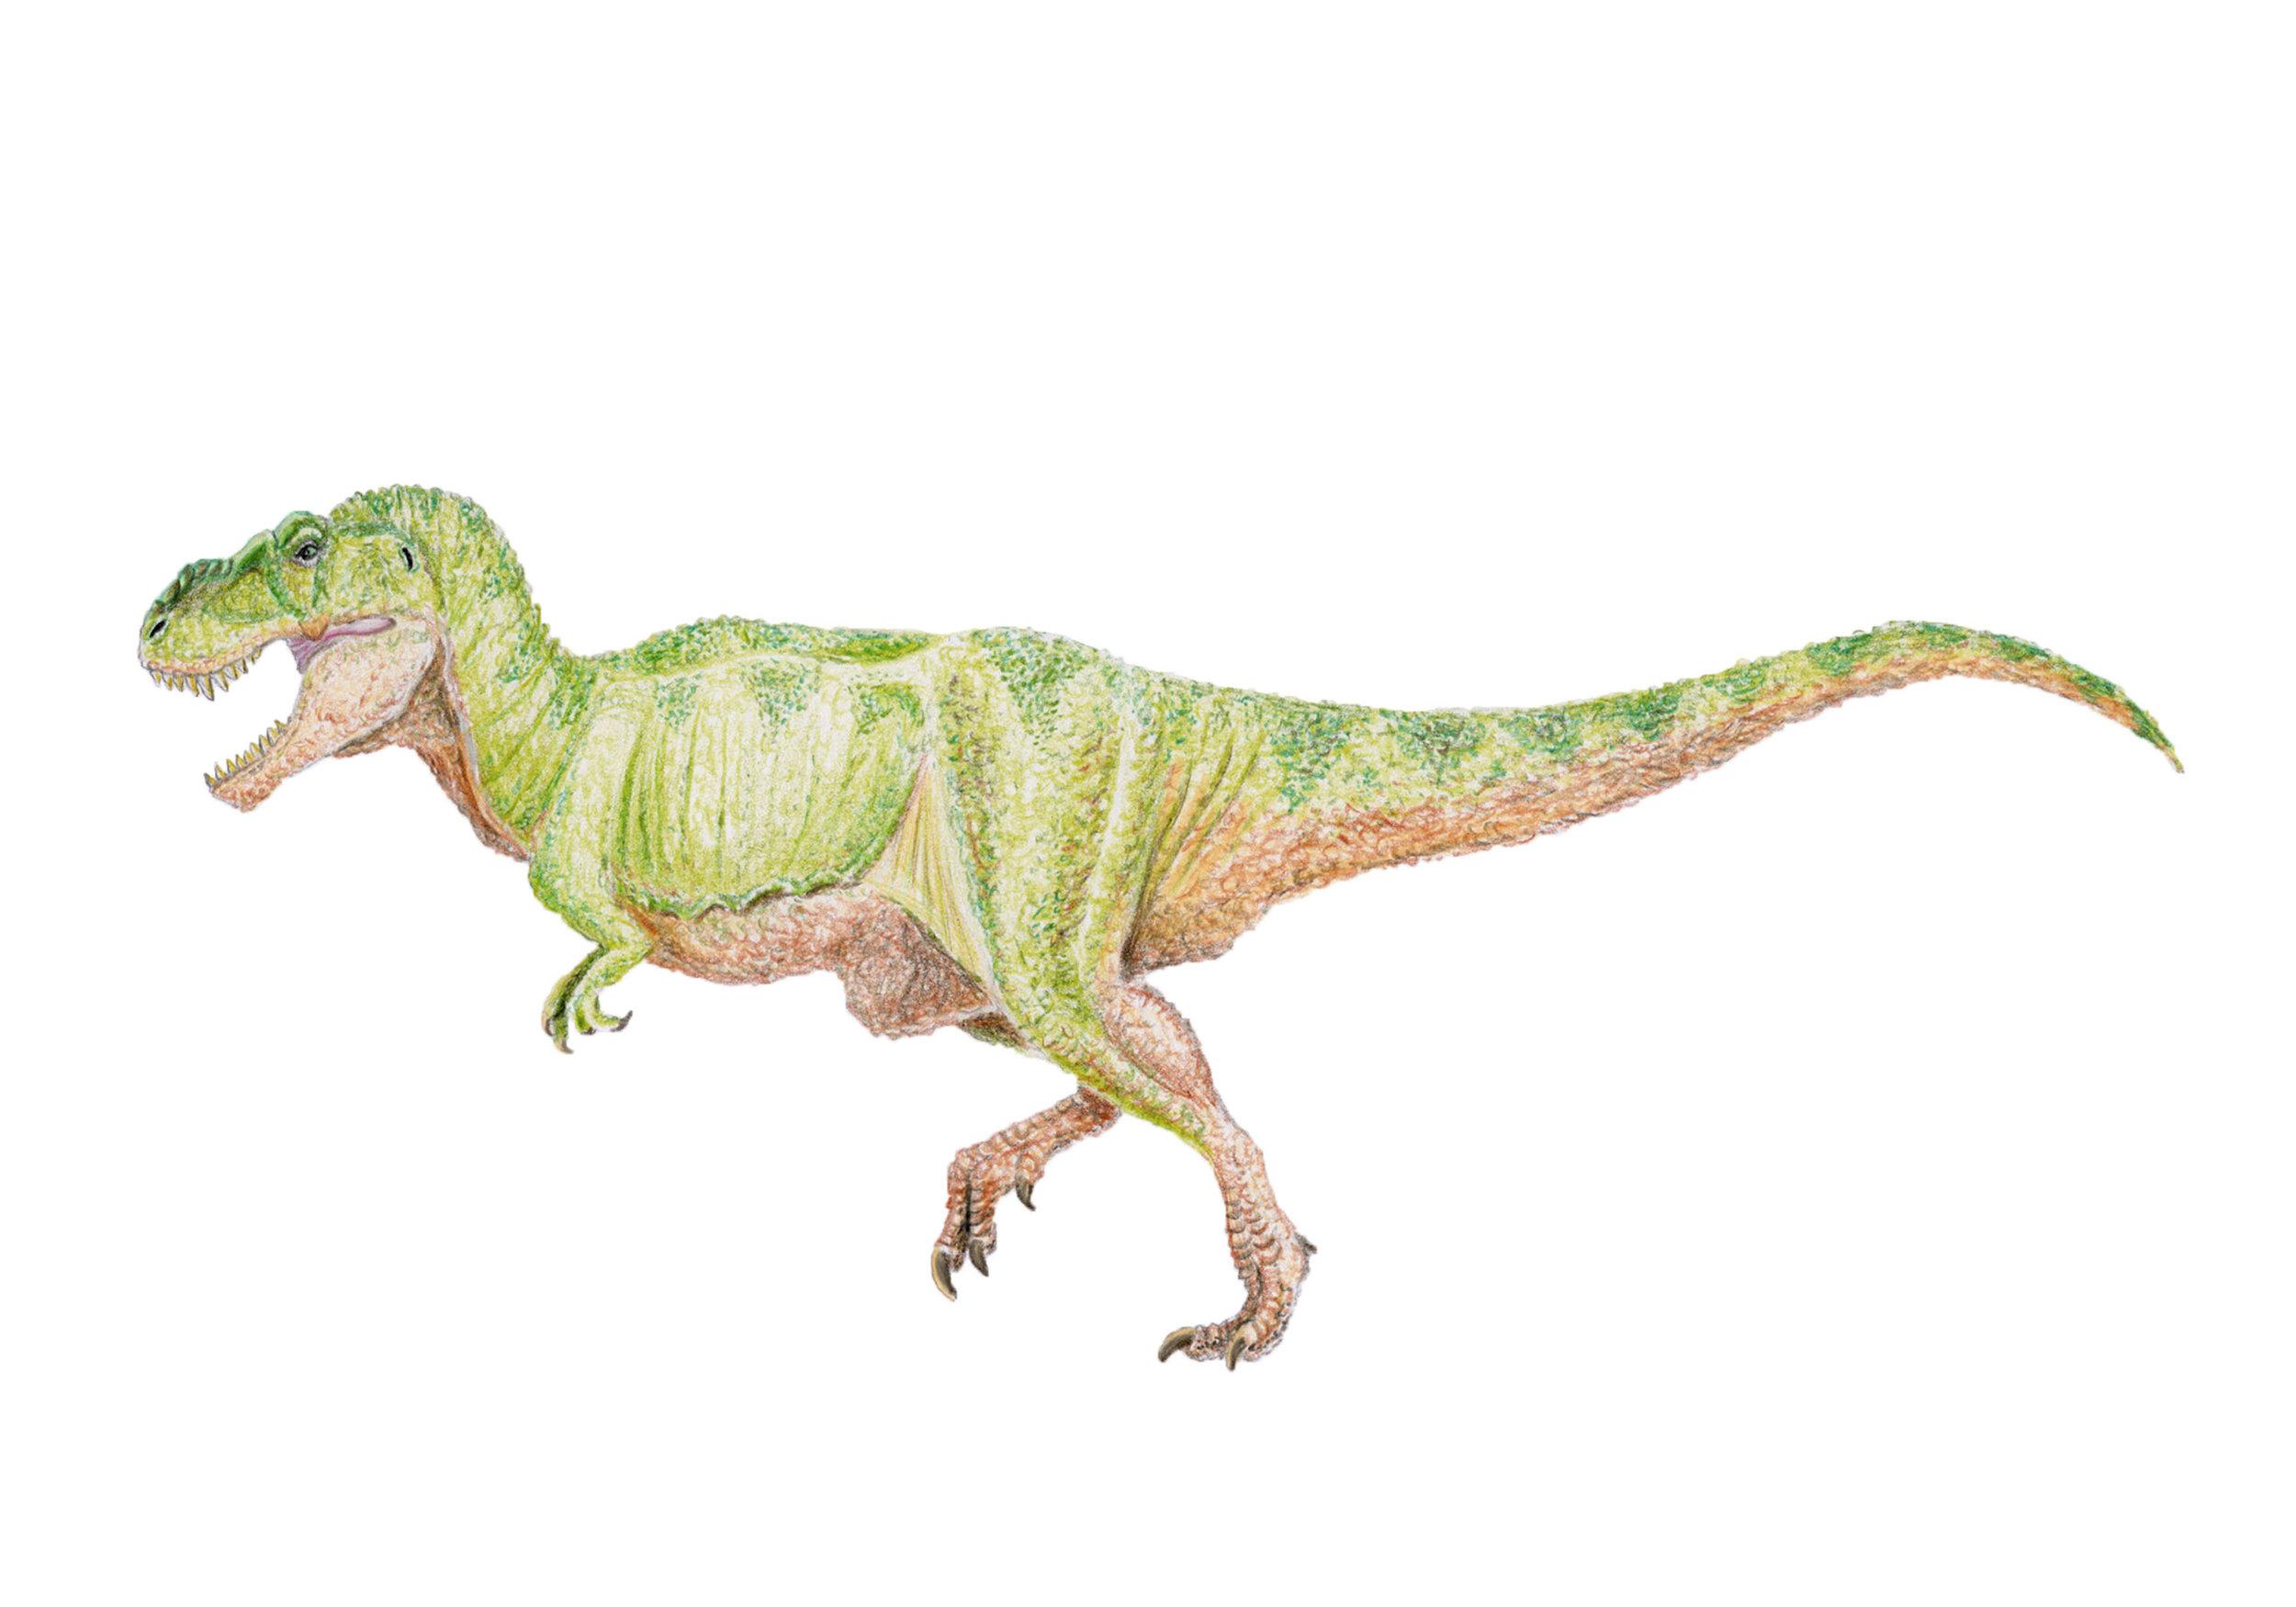 Tyrannosaurus rex (1970's-1980's style)